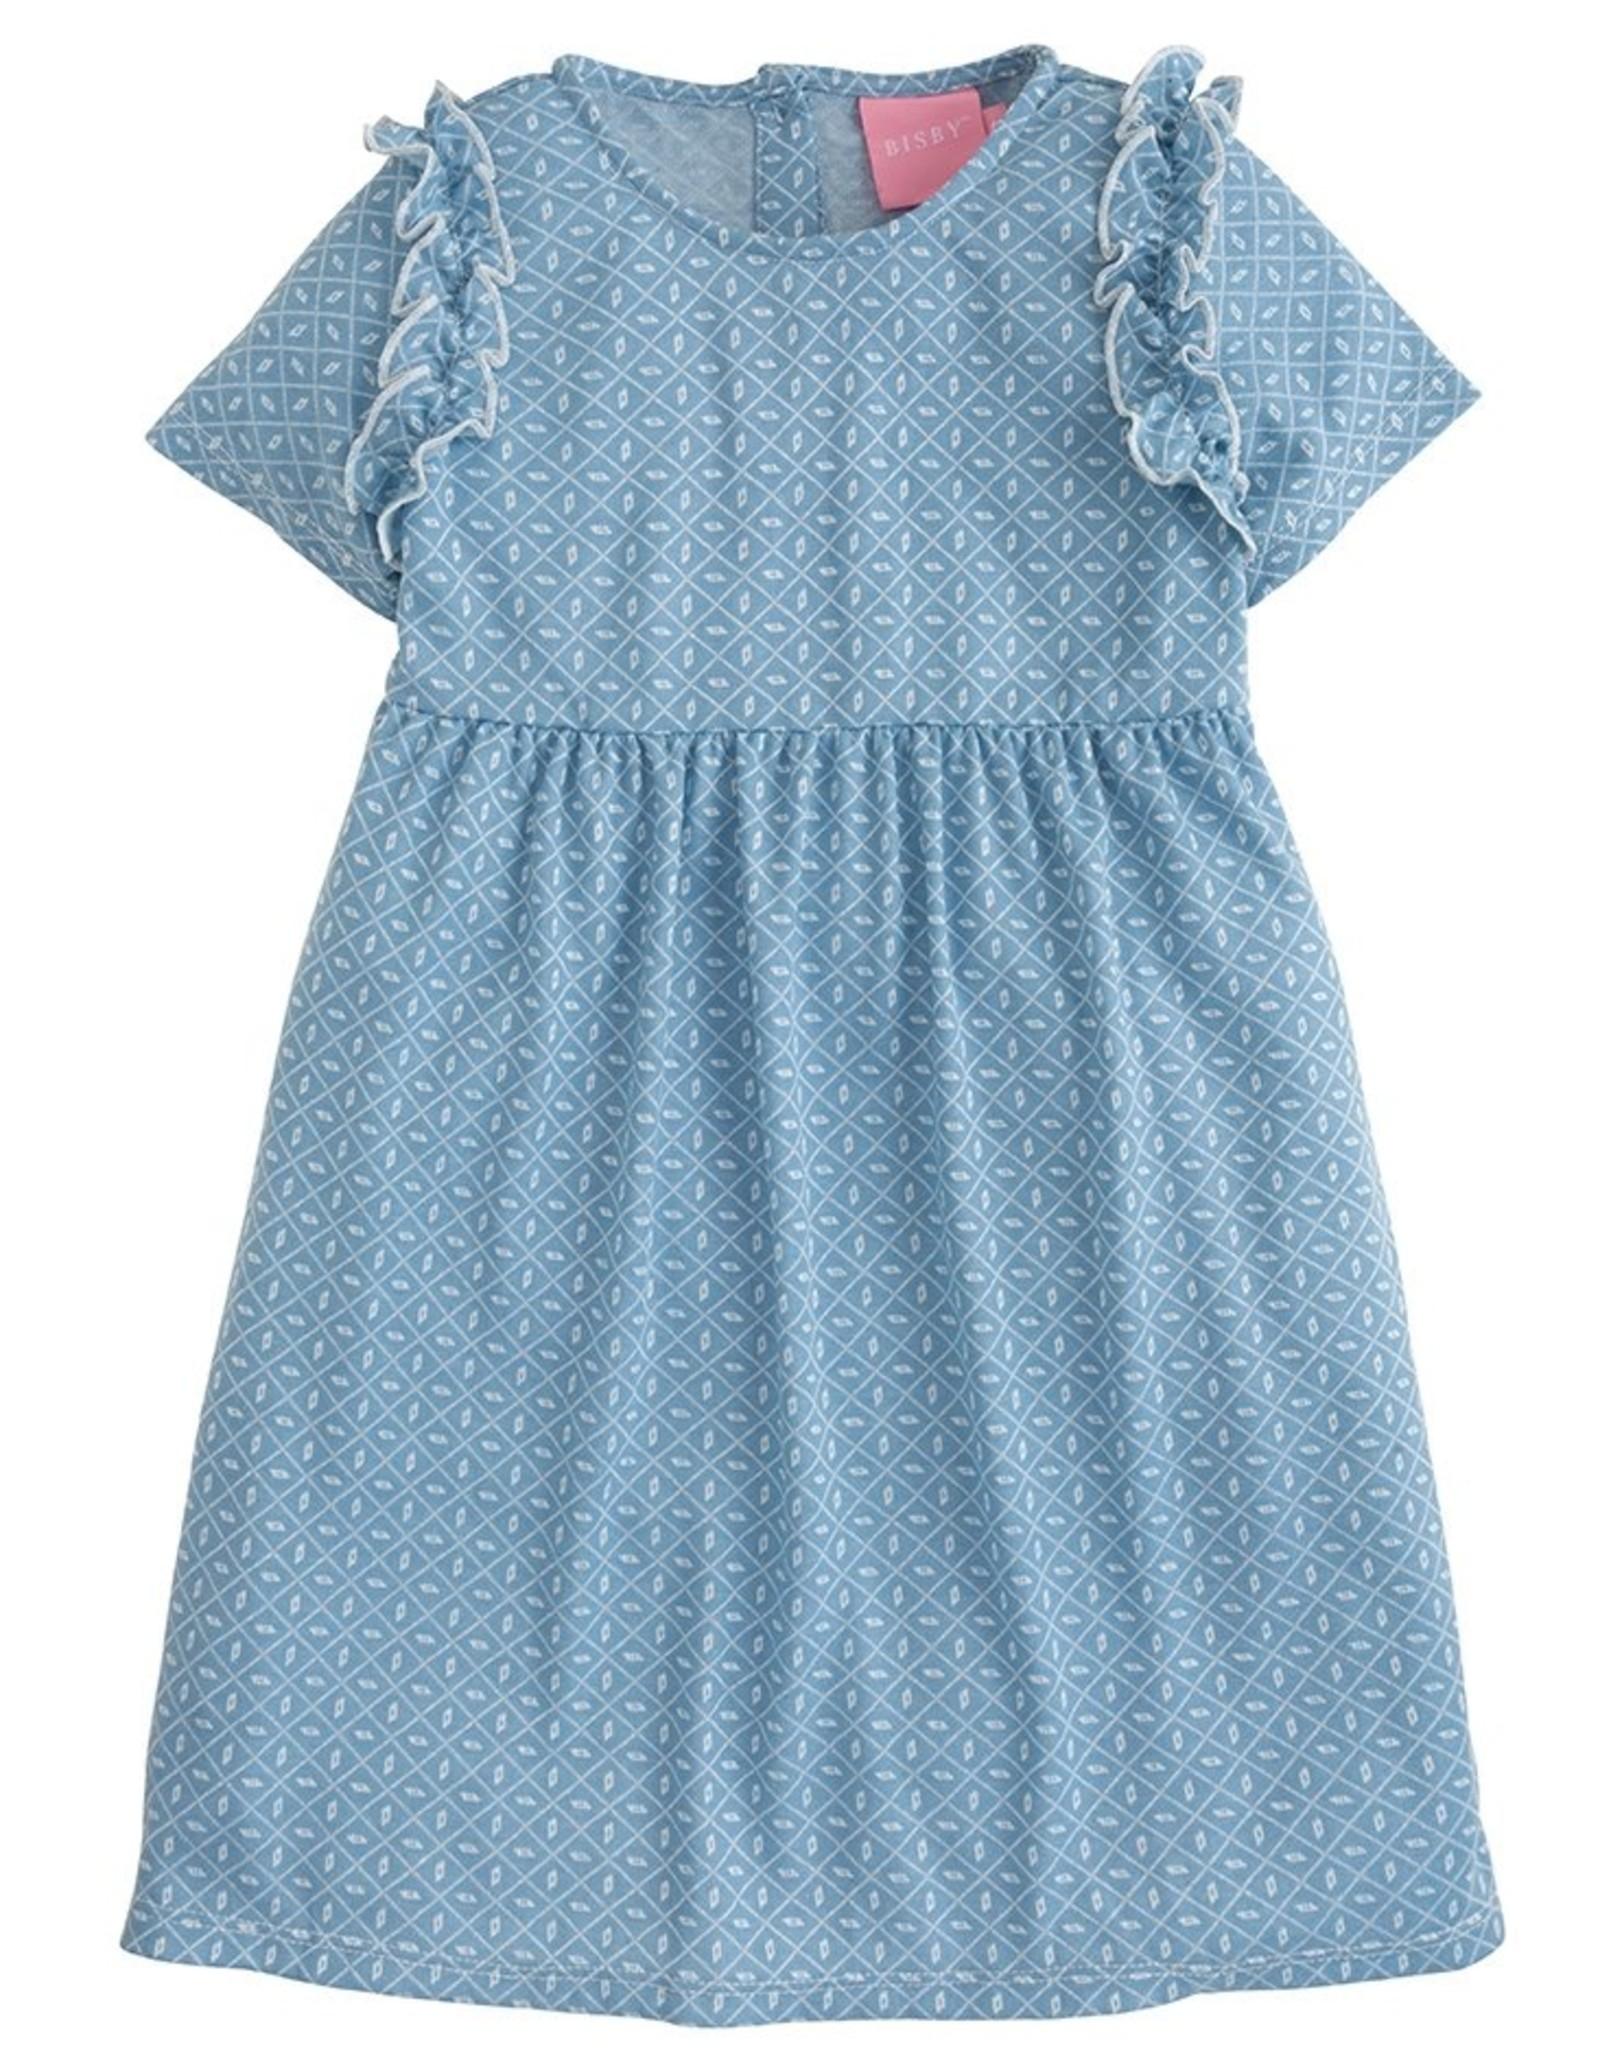 Bisby Helen Dress, Bandana Blue